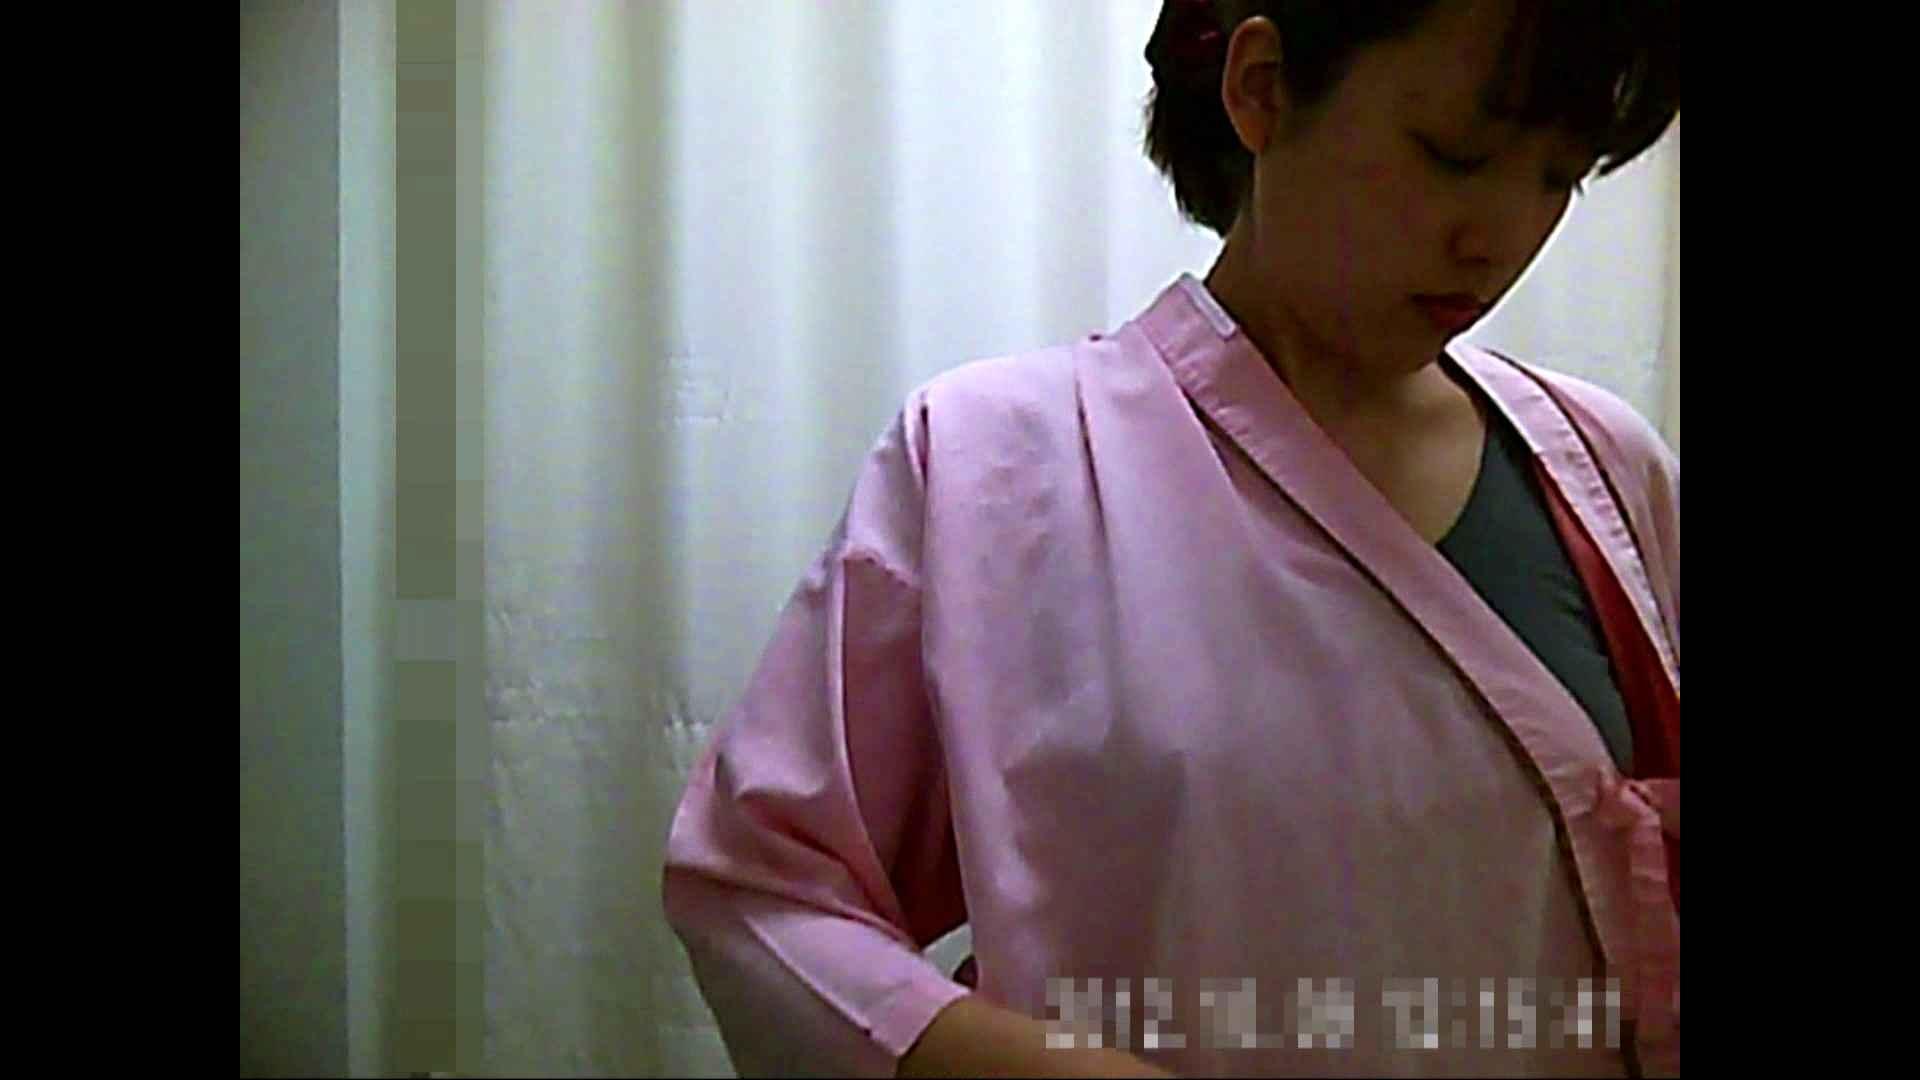 病院おもいっきり着替え! vol.230 貧乳 盗み撮り動画キャプチャ 81PIX 55